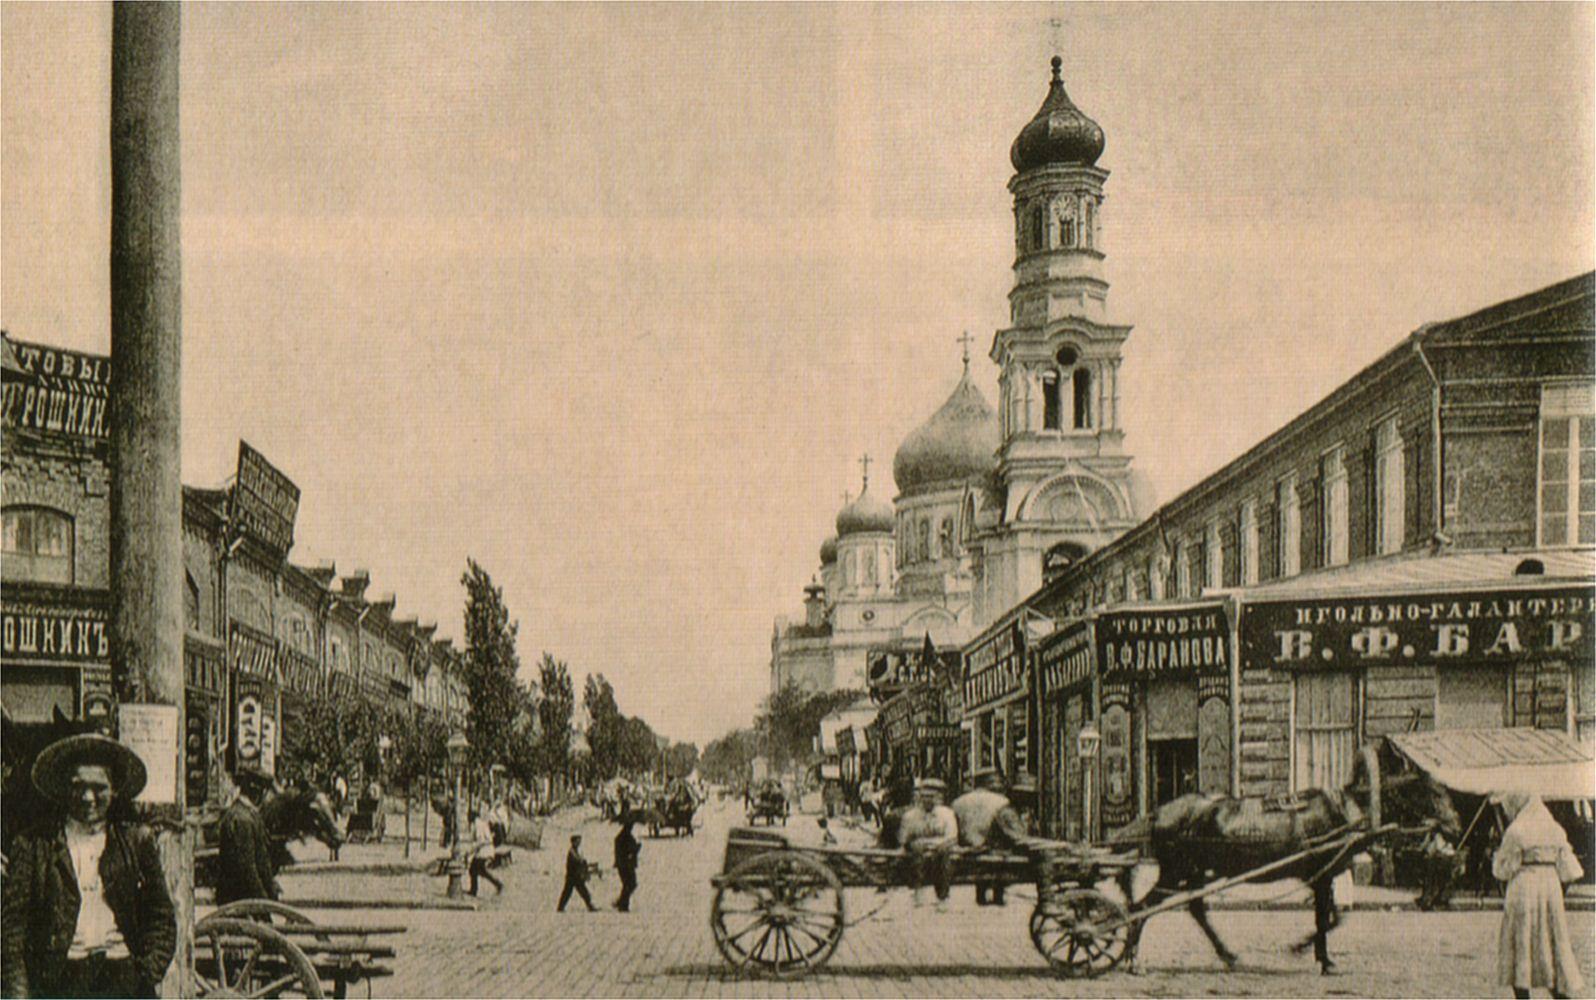 Вид на собор и торговые павильоны